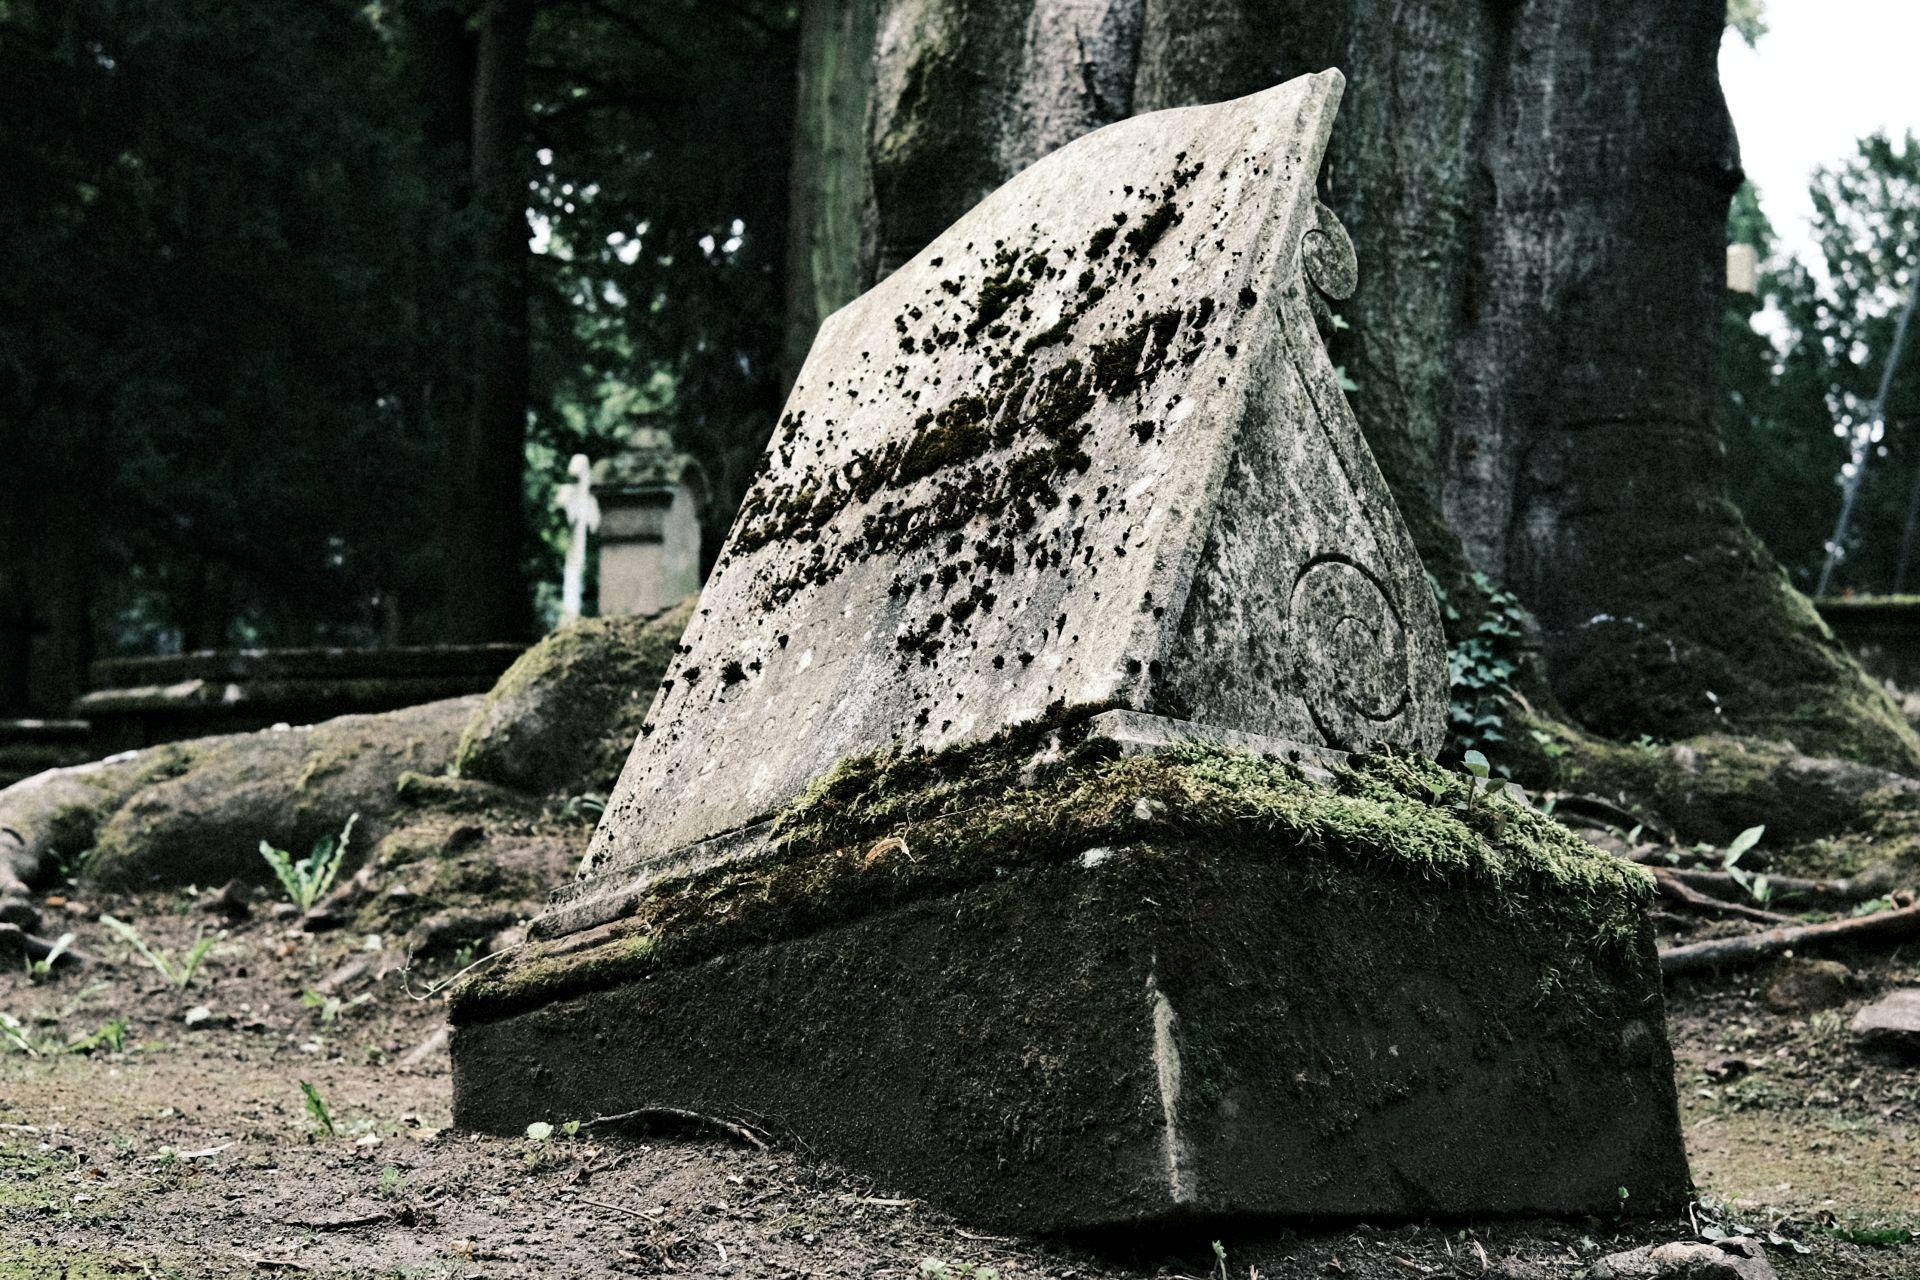 Alter Friedhof f/4 1/75sec ISO-160 23mm